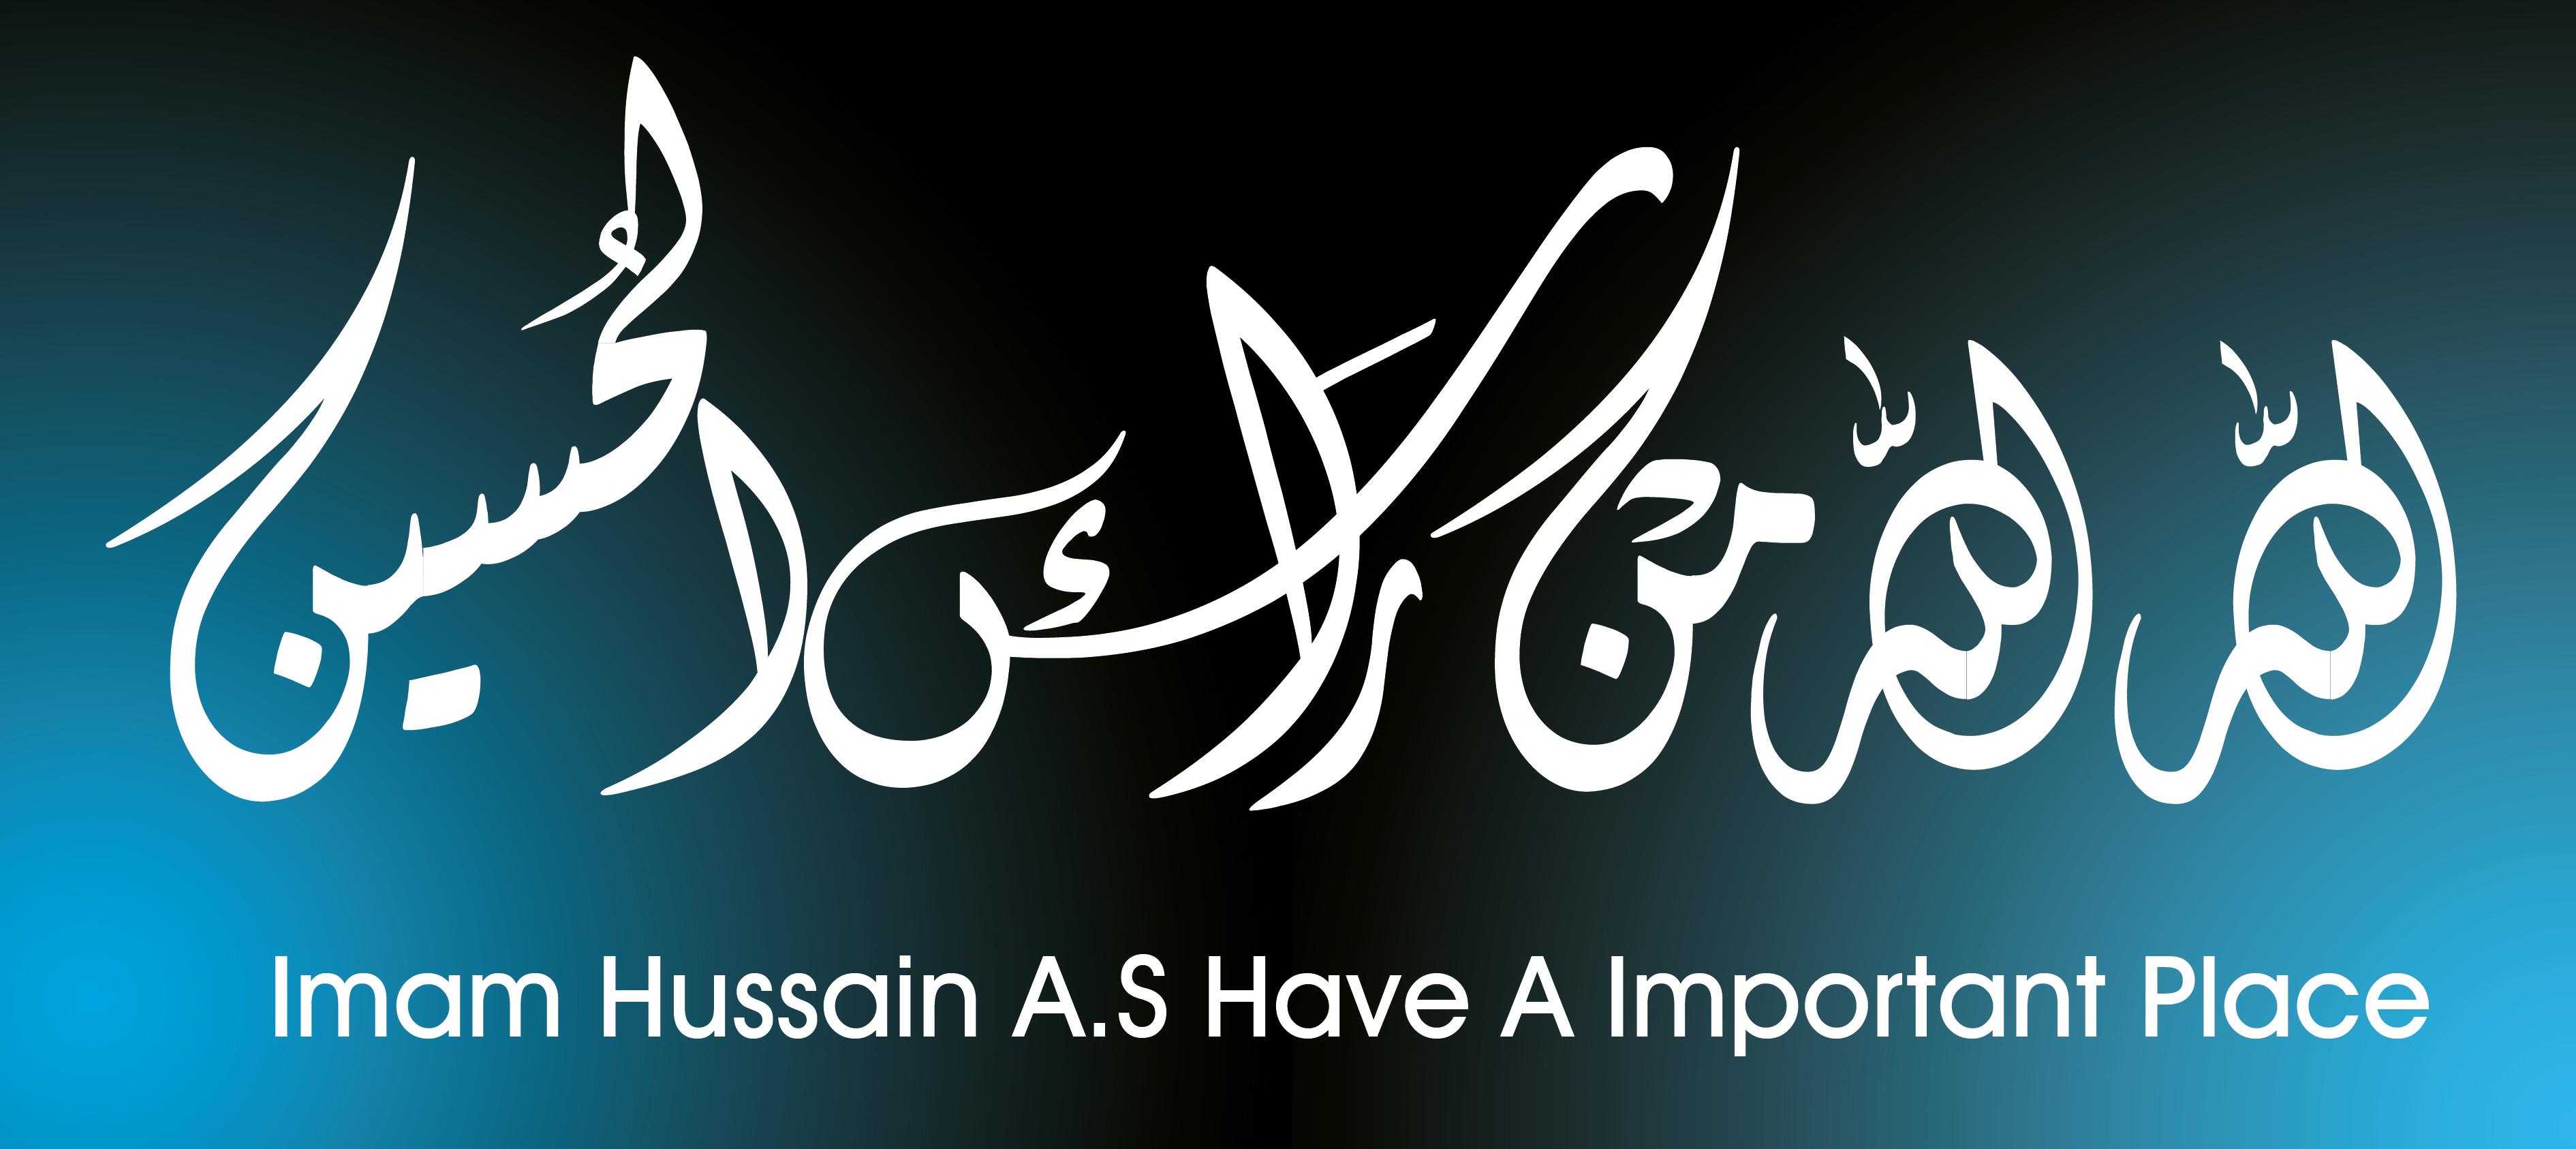 Hazrat Imam Hussain As 025 By Yawarhussain On Deviantart